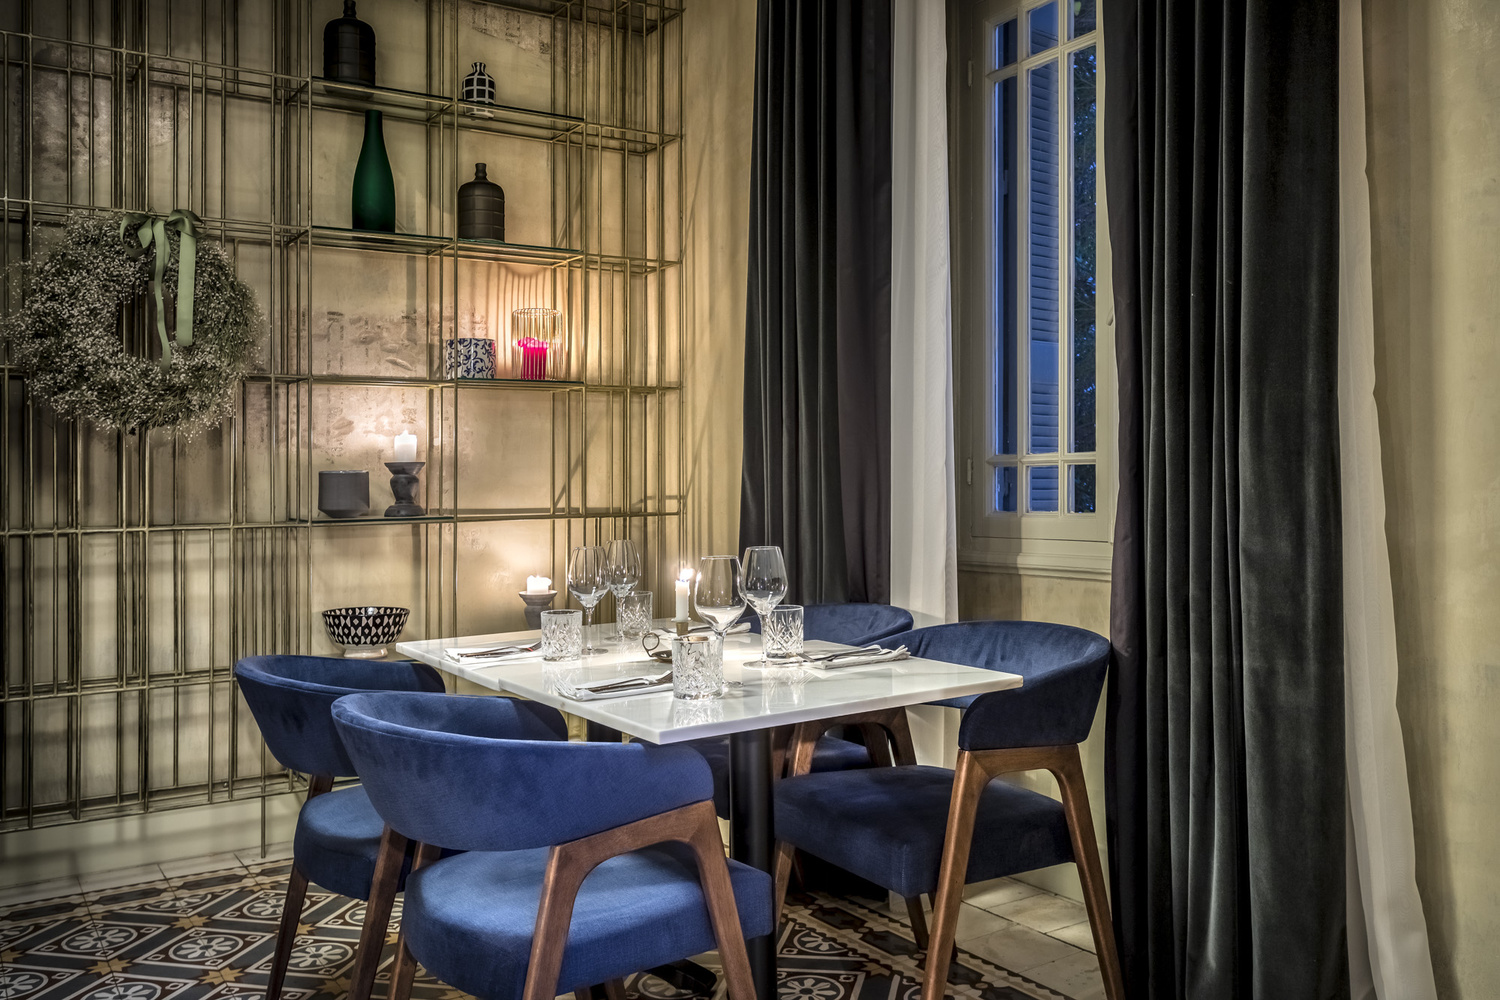 Parla Restaurant, Athens by Thomas Gerasopoulos